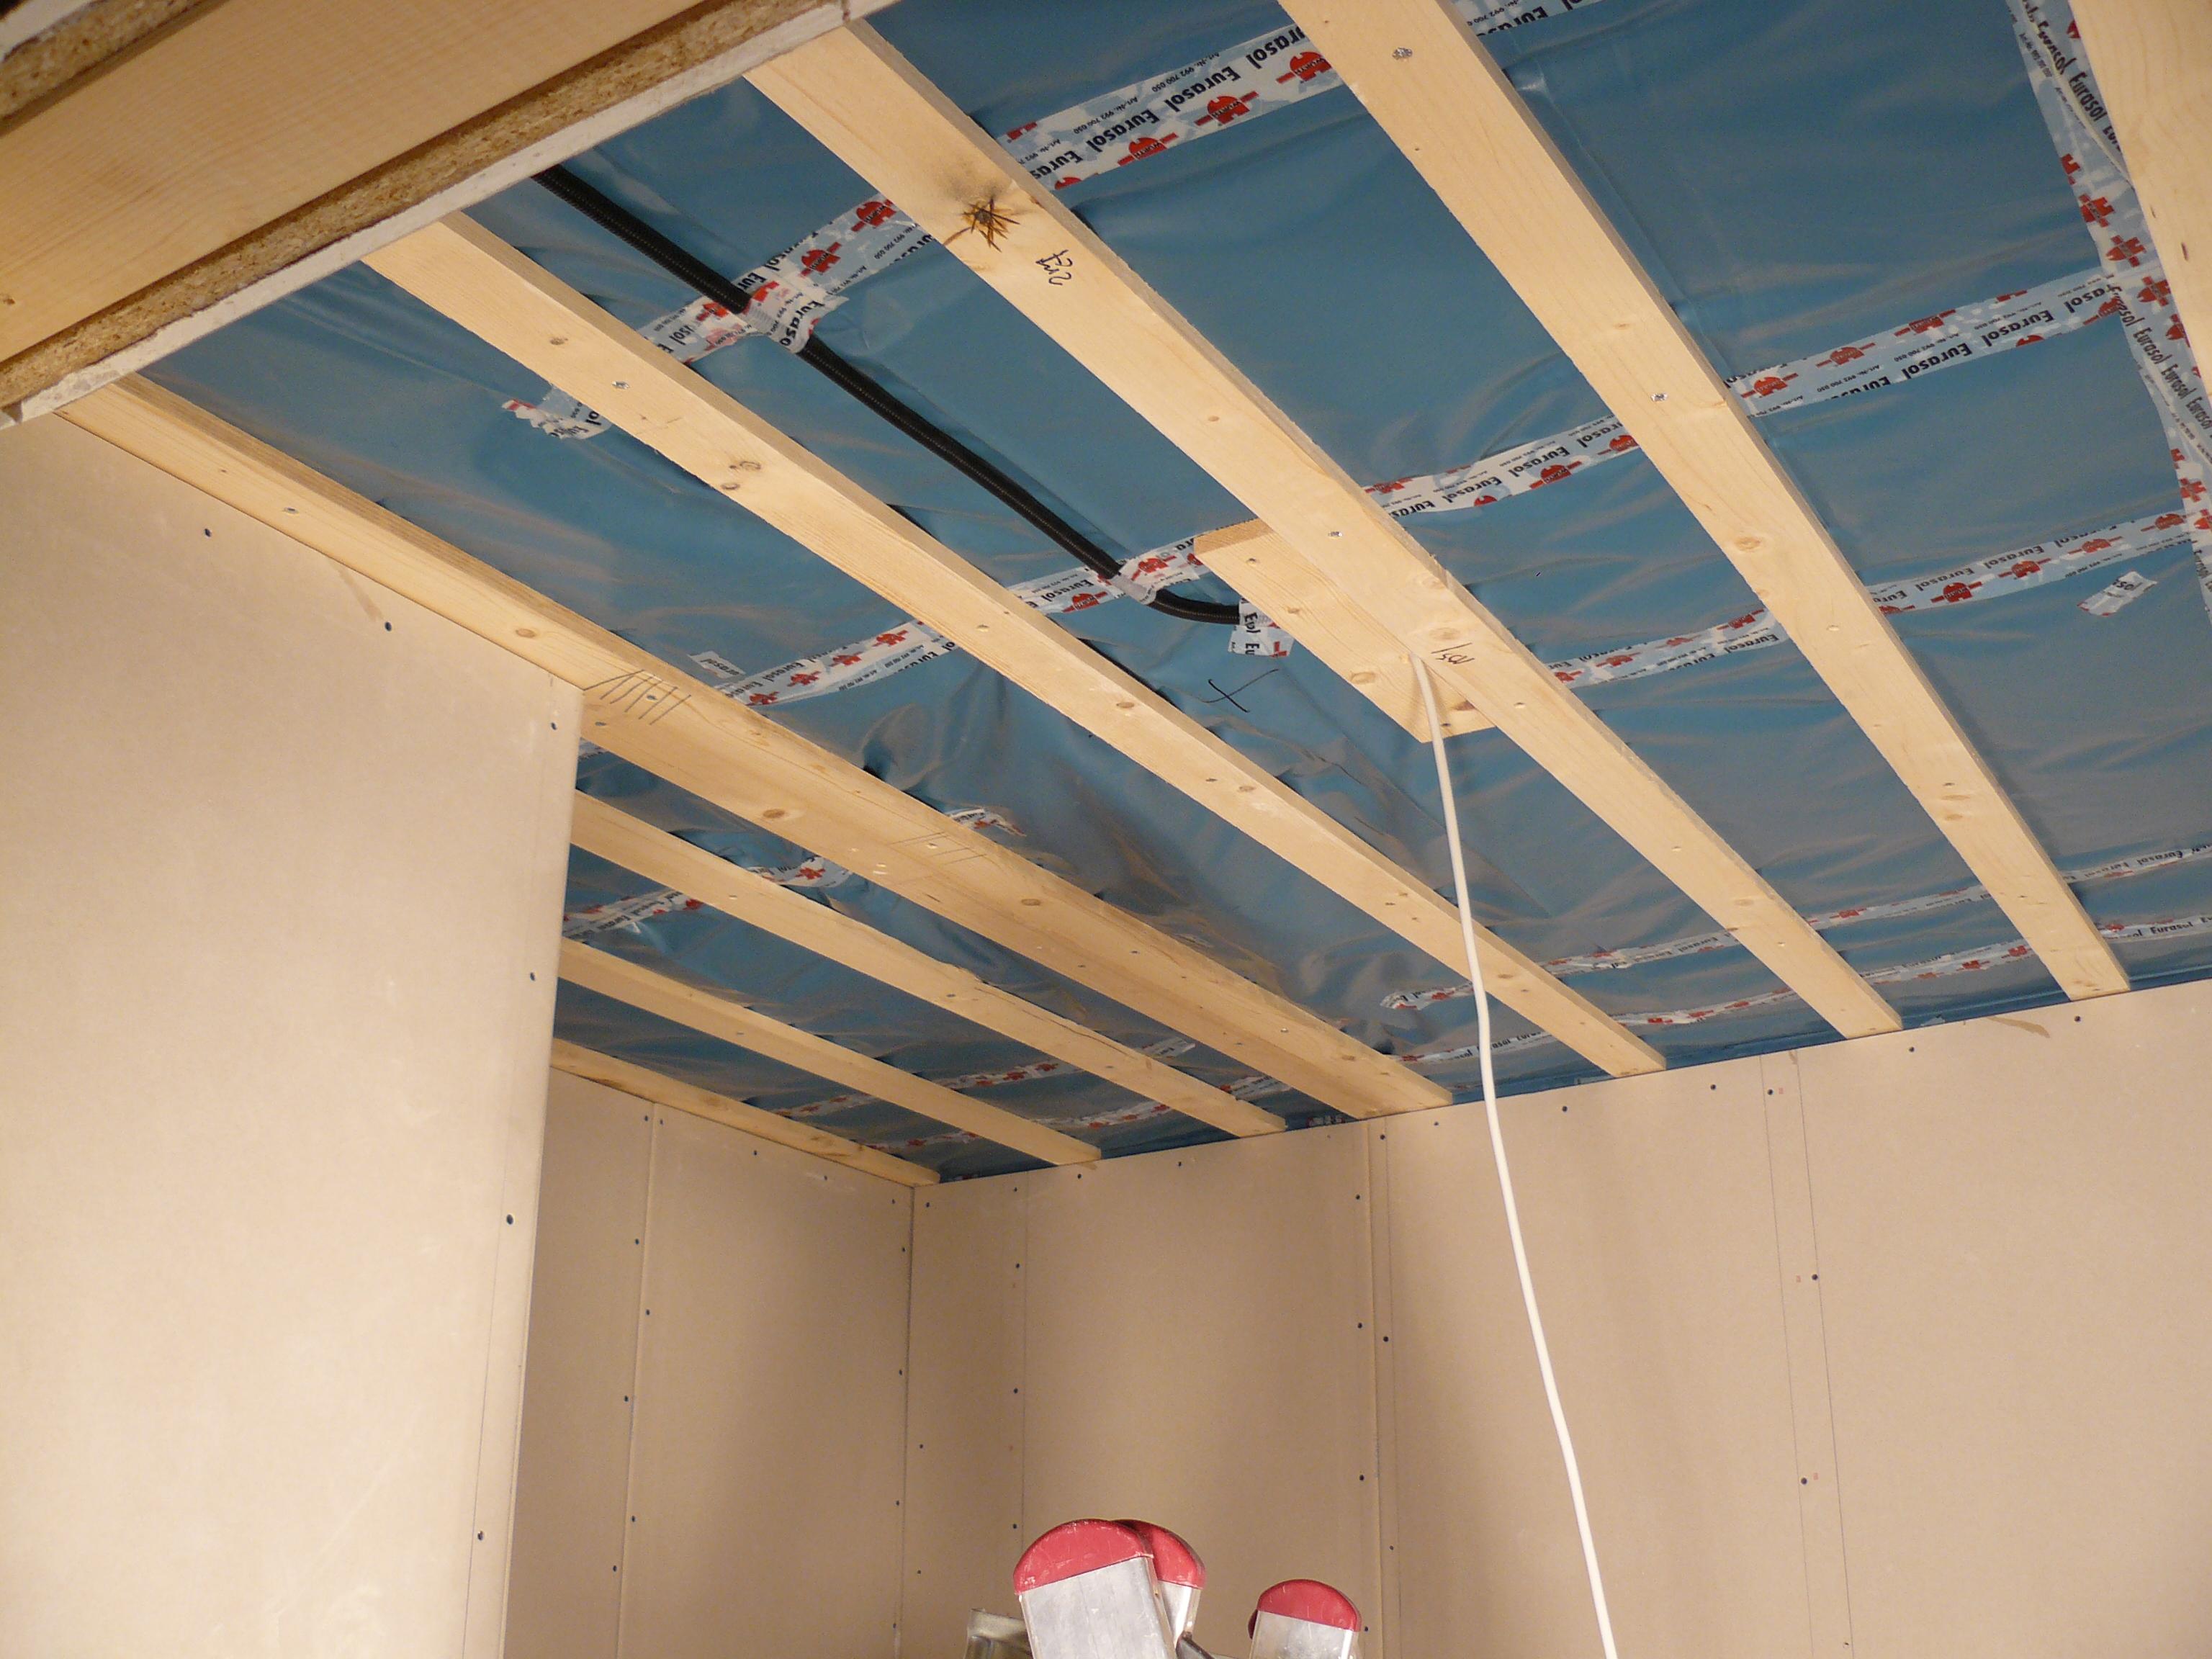 Bautagebuch Fronhoven » Decke Abstellraum (ohne Rigips)